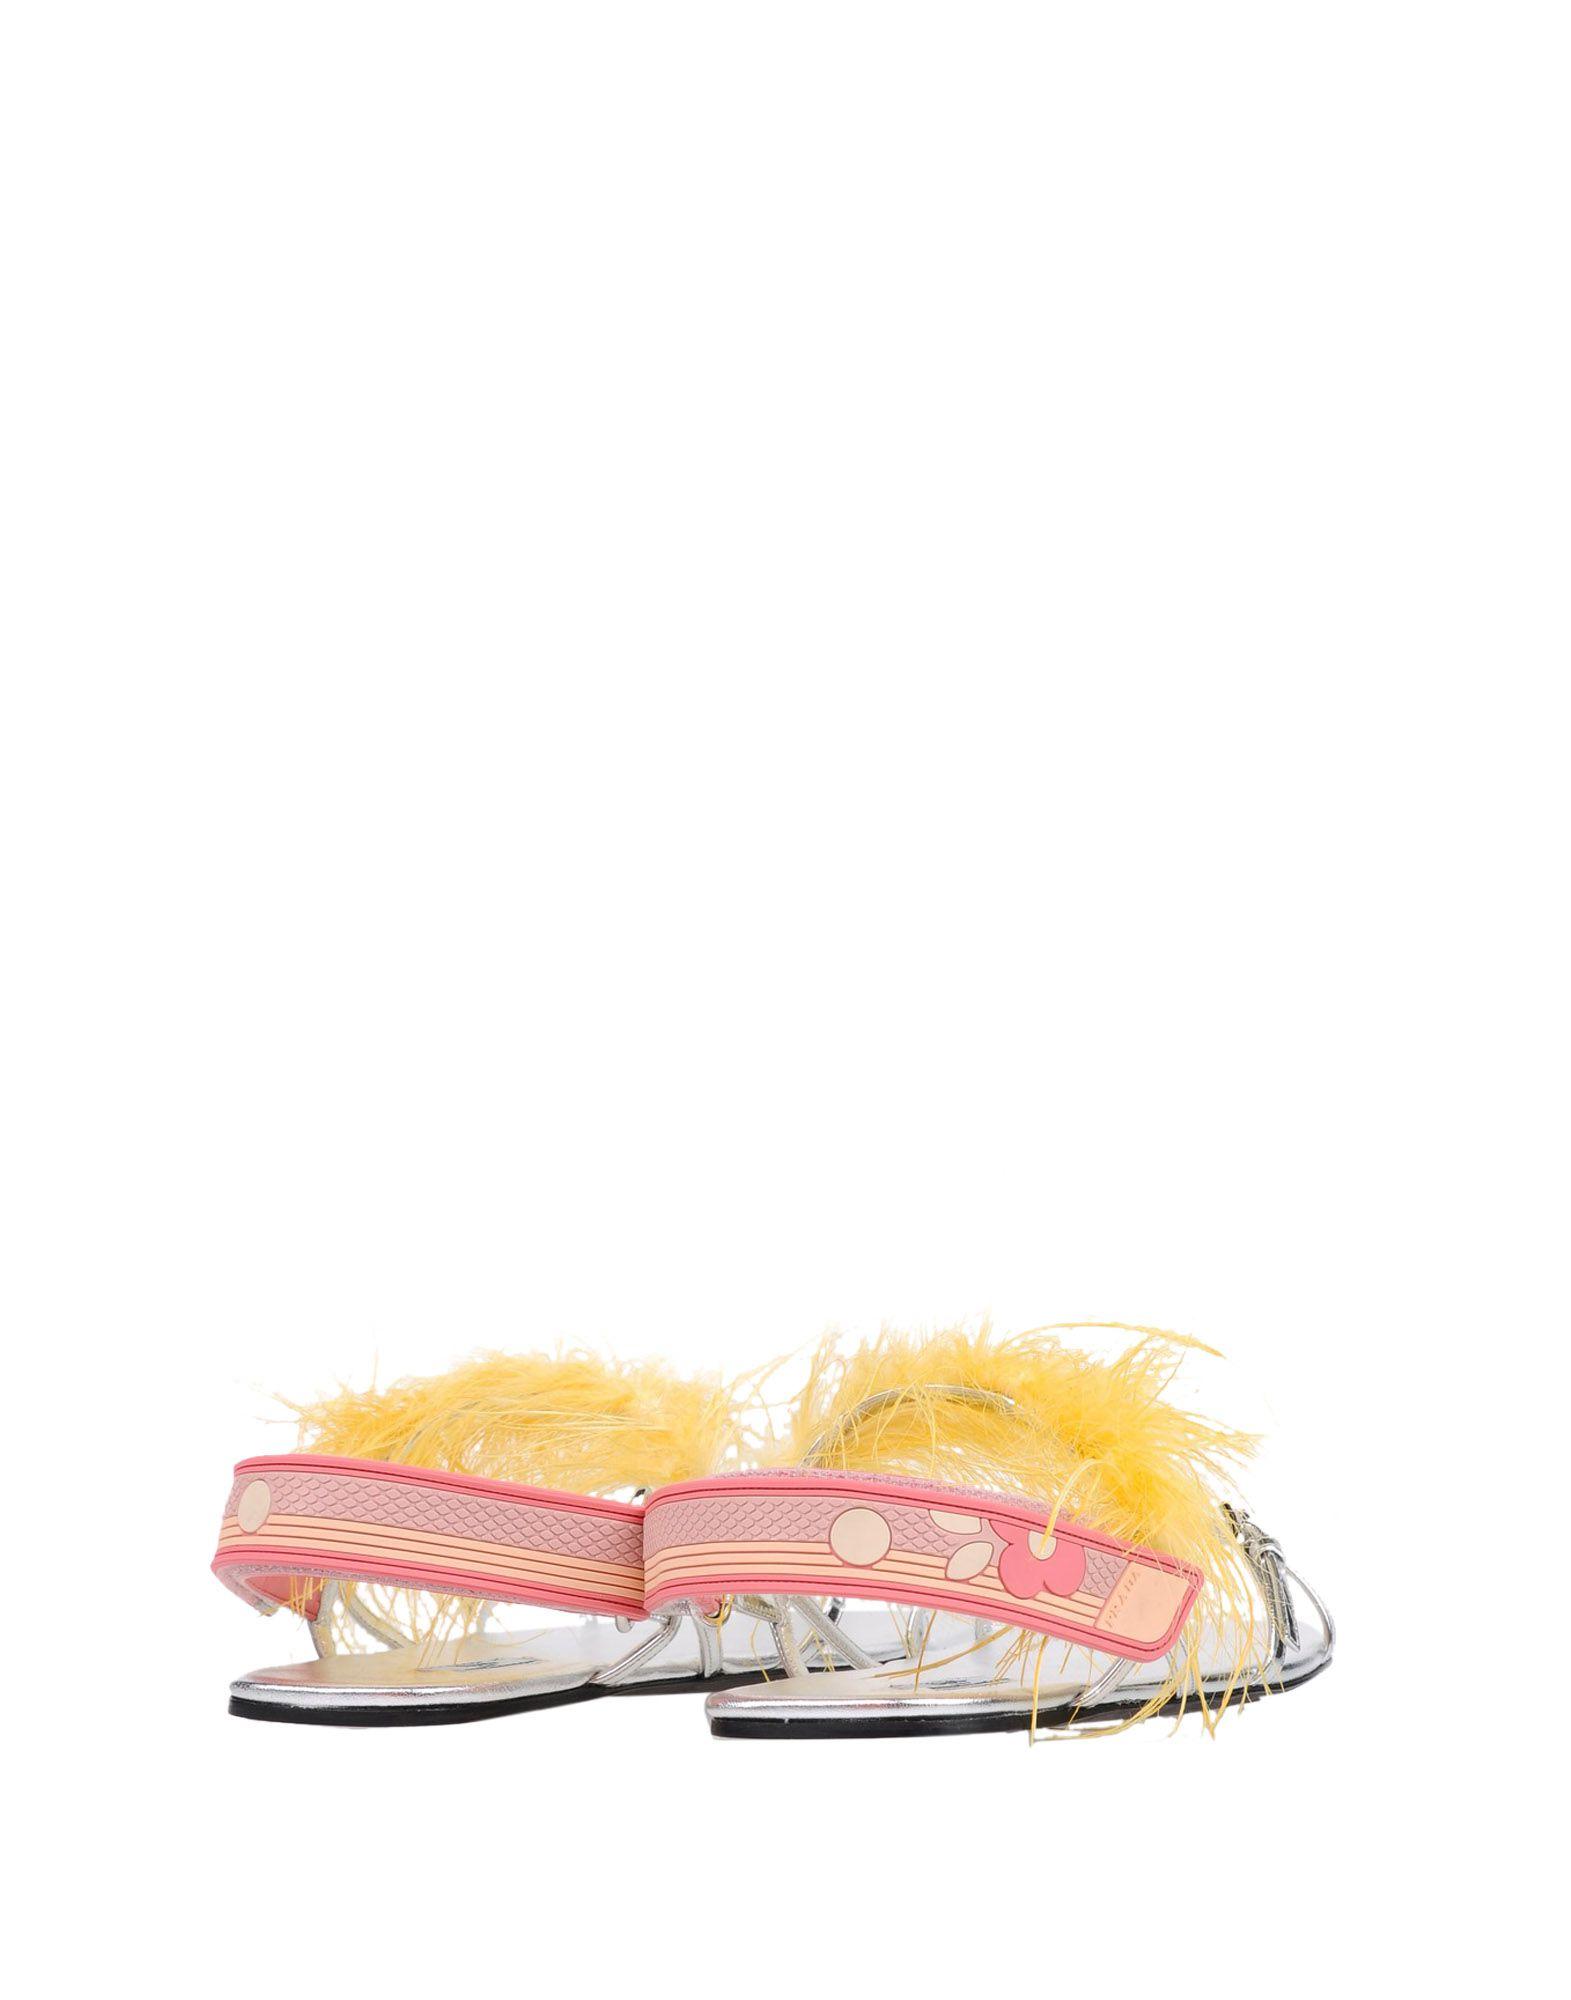 Rabatt Schuhe Prada Damen Sandalen Damen Prada  11360920IF 1e1dfe